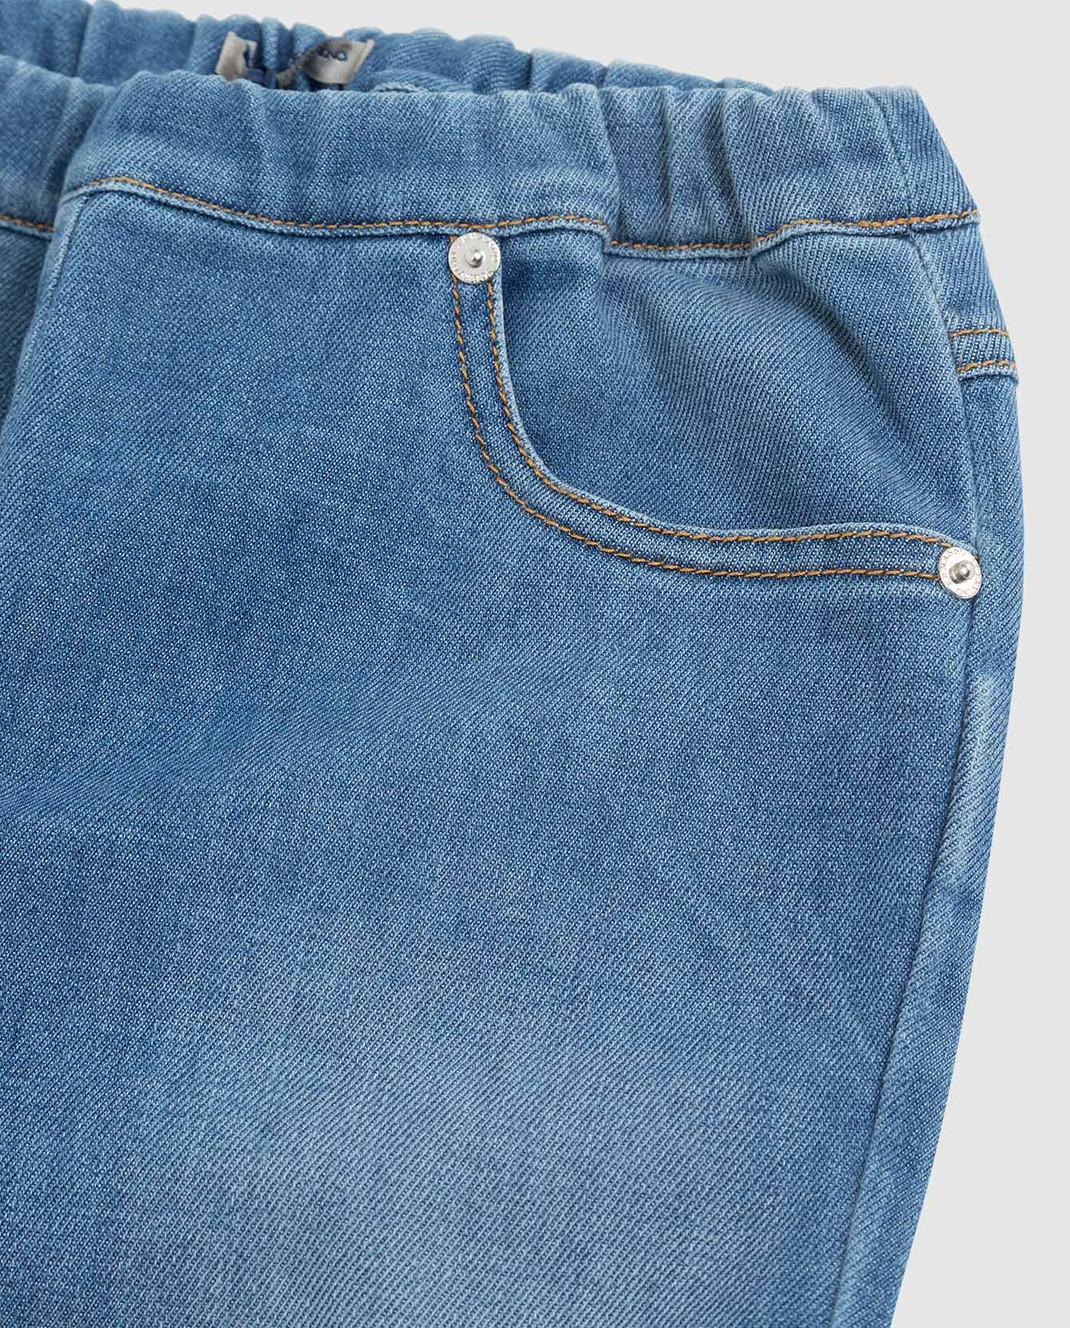 Ermanno Scervino Детские синие джинсы JL081012 изображение 3